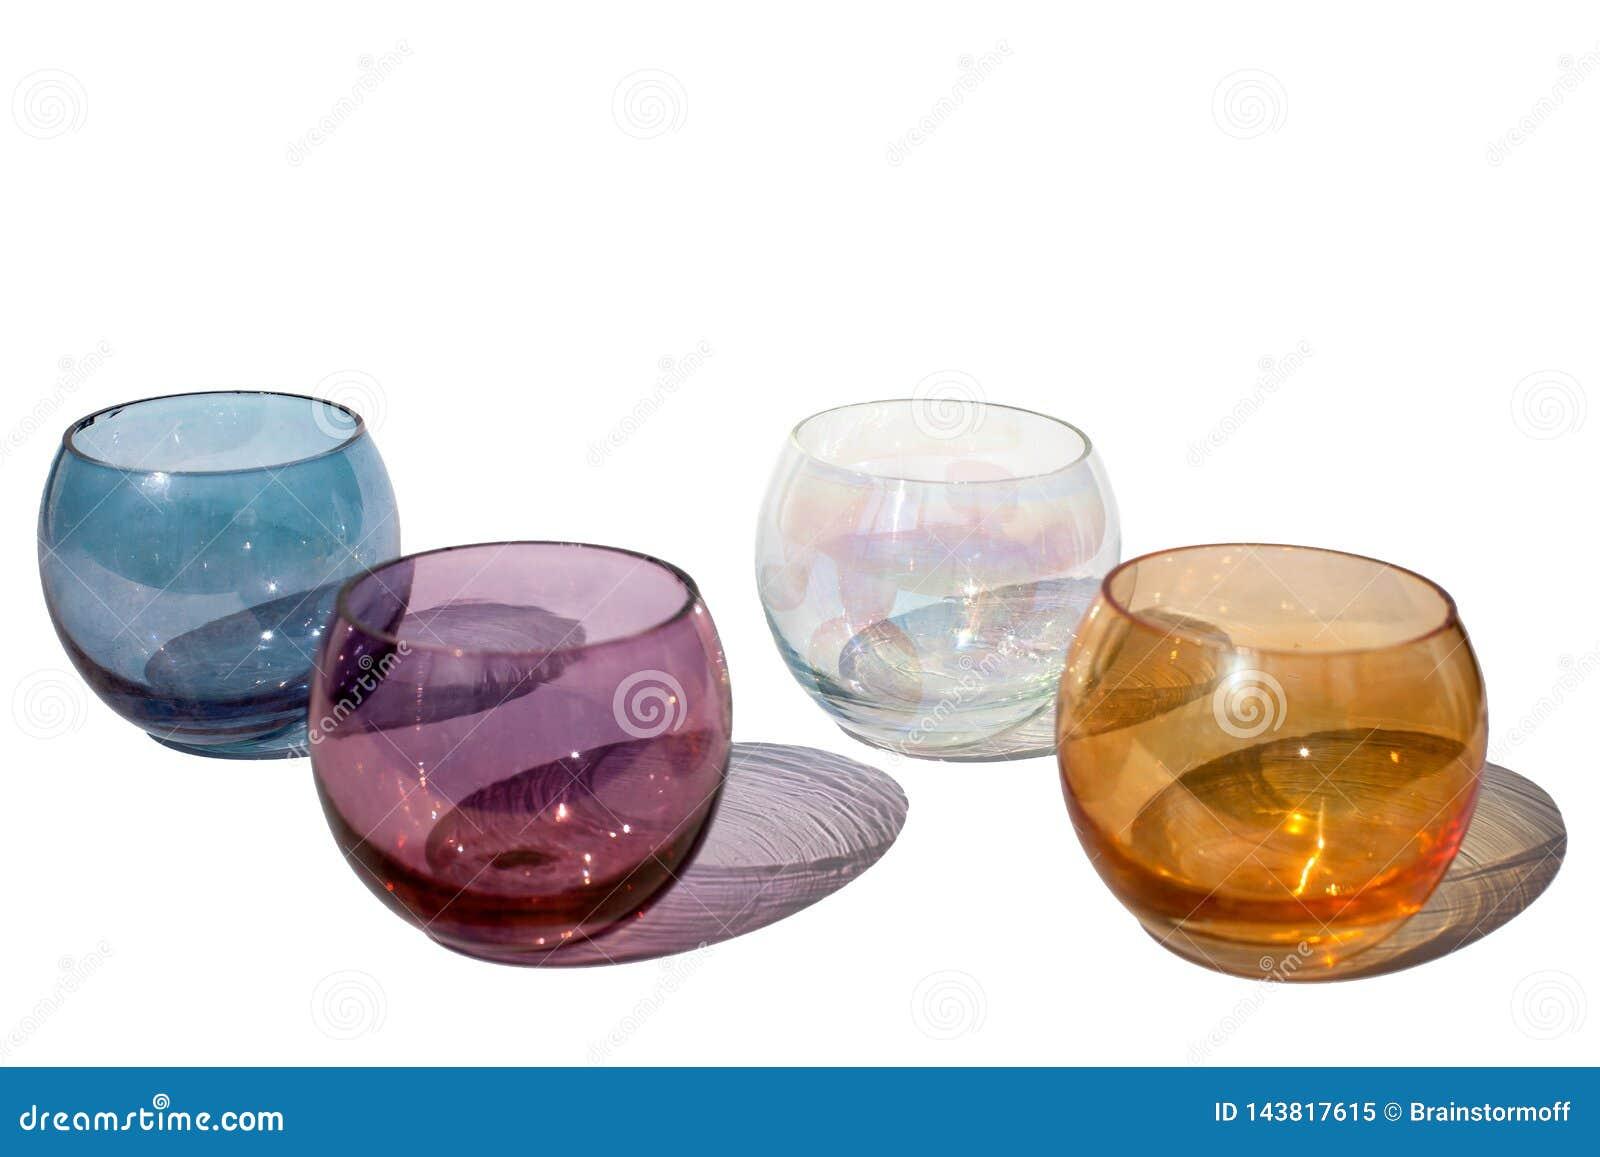 Vier runde Gläser der mehrfarbigen Weinlese auf einem weißen Hintergrund mit schönen farbigen Schatten lokalisierten im Sonnenlic